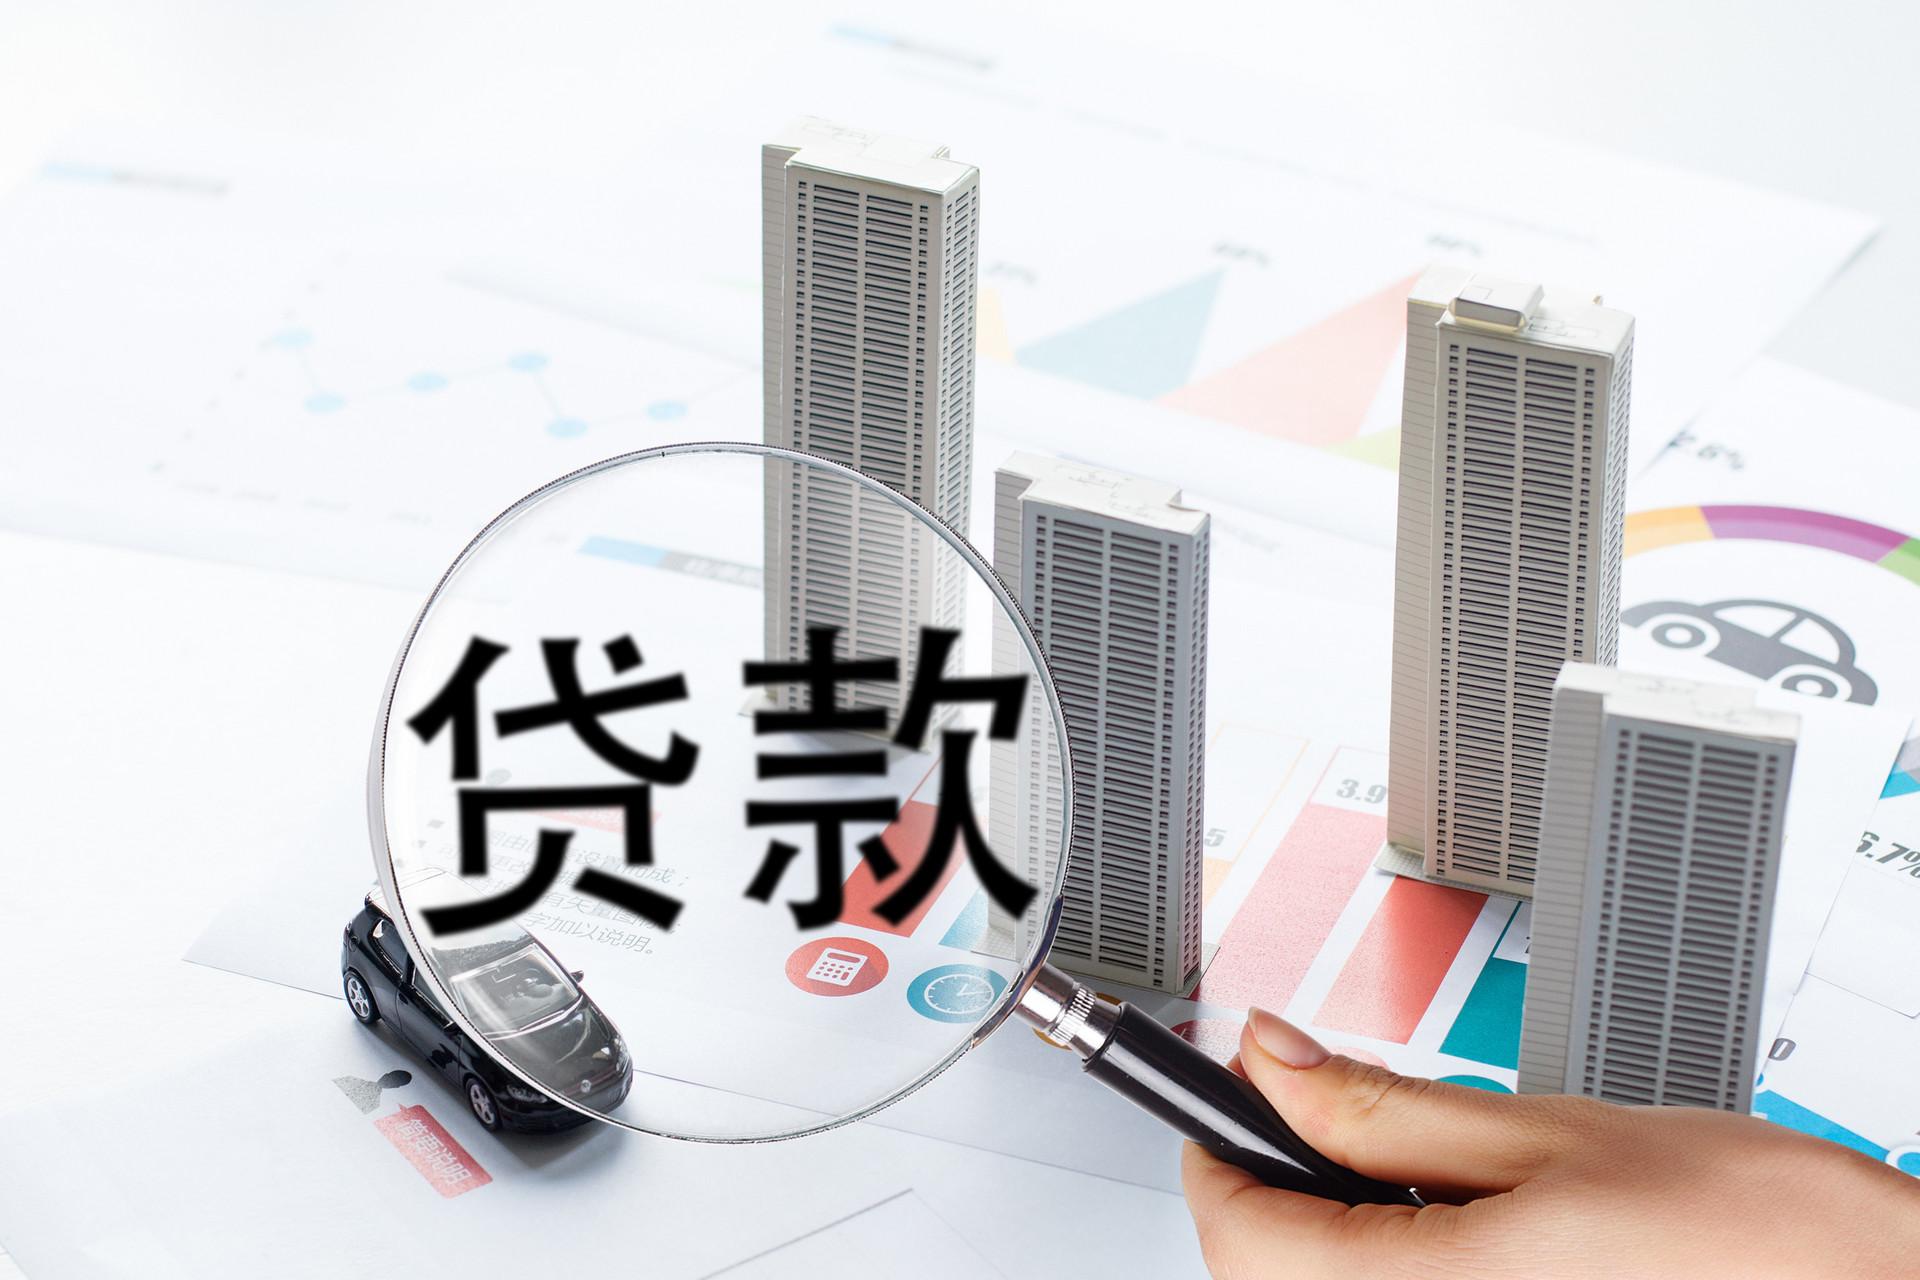 青岛房贷利率暂无上调迹象 信贷额度或将收紧